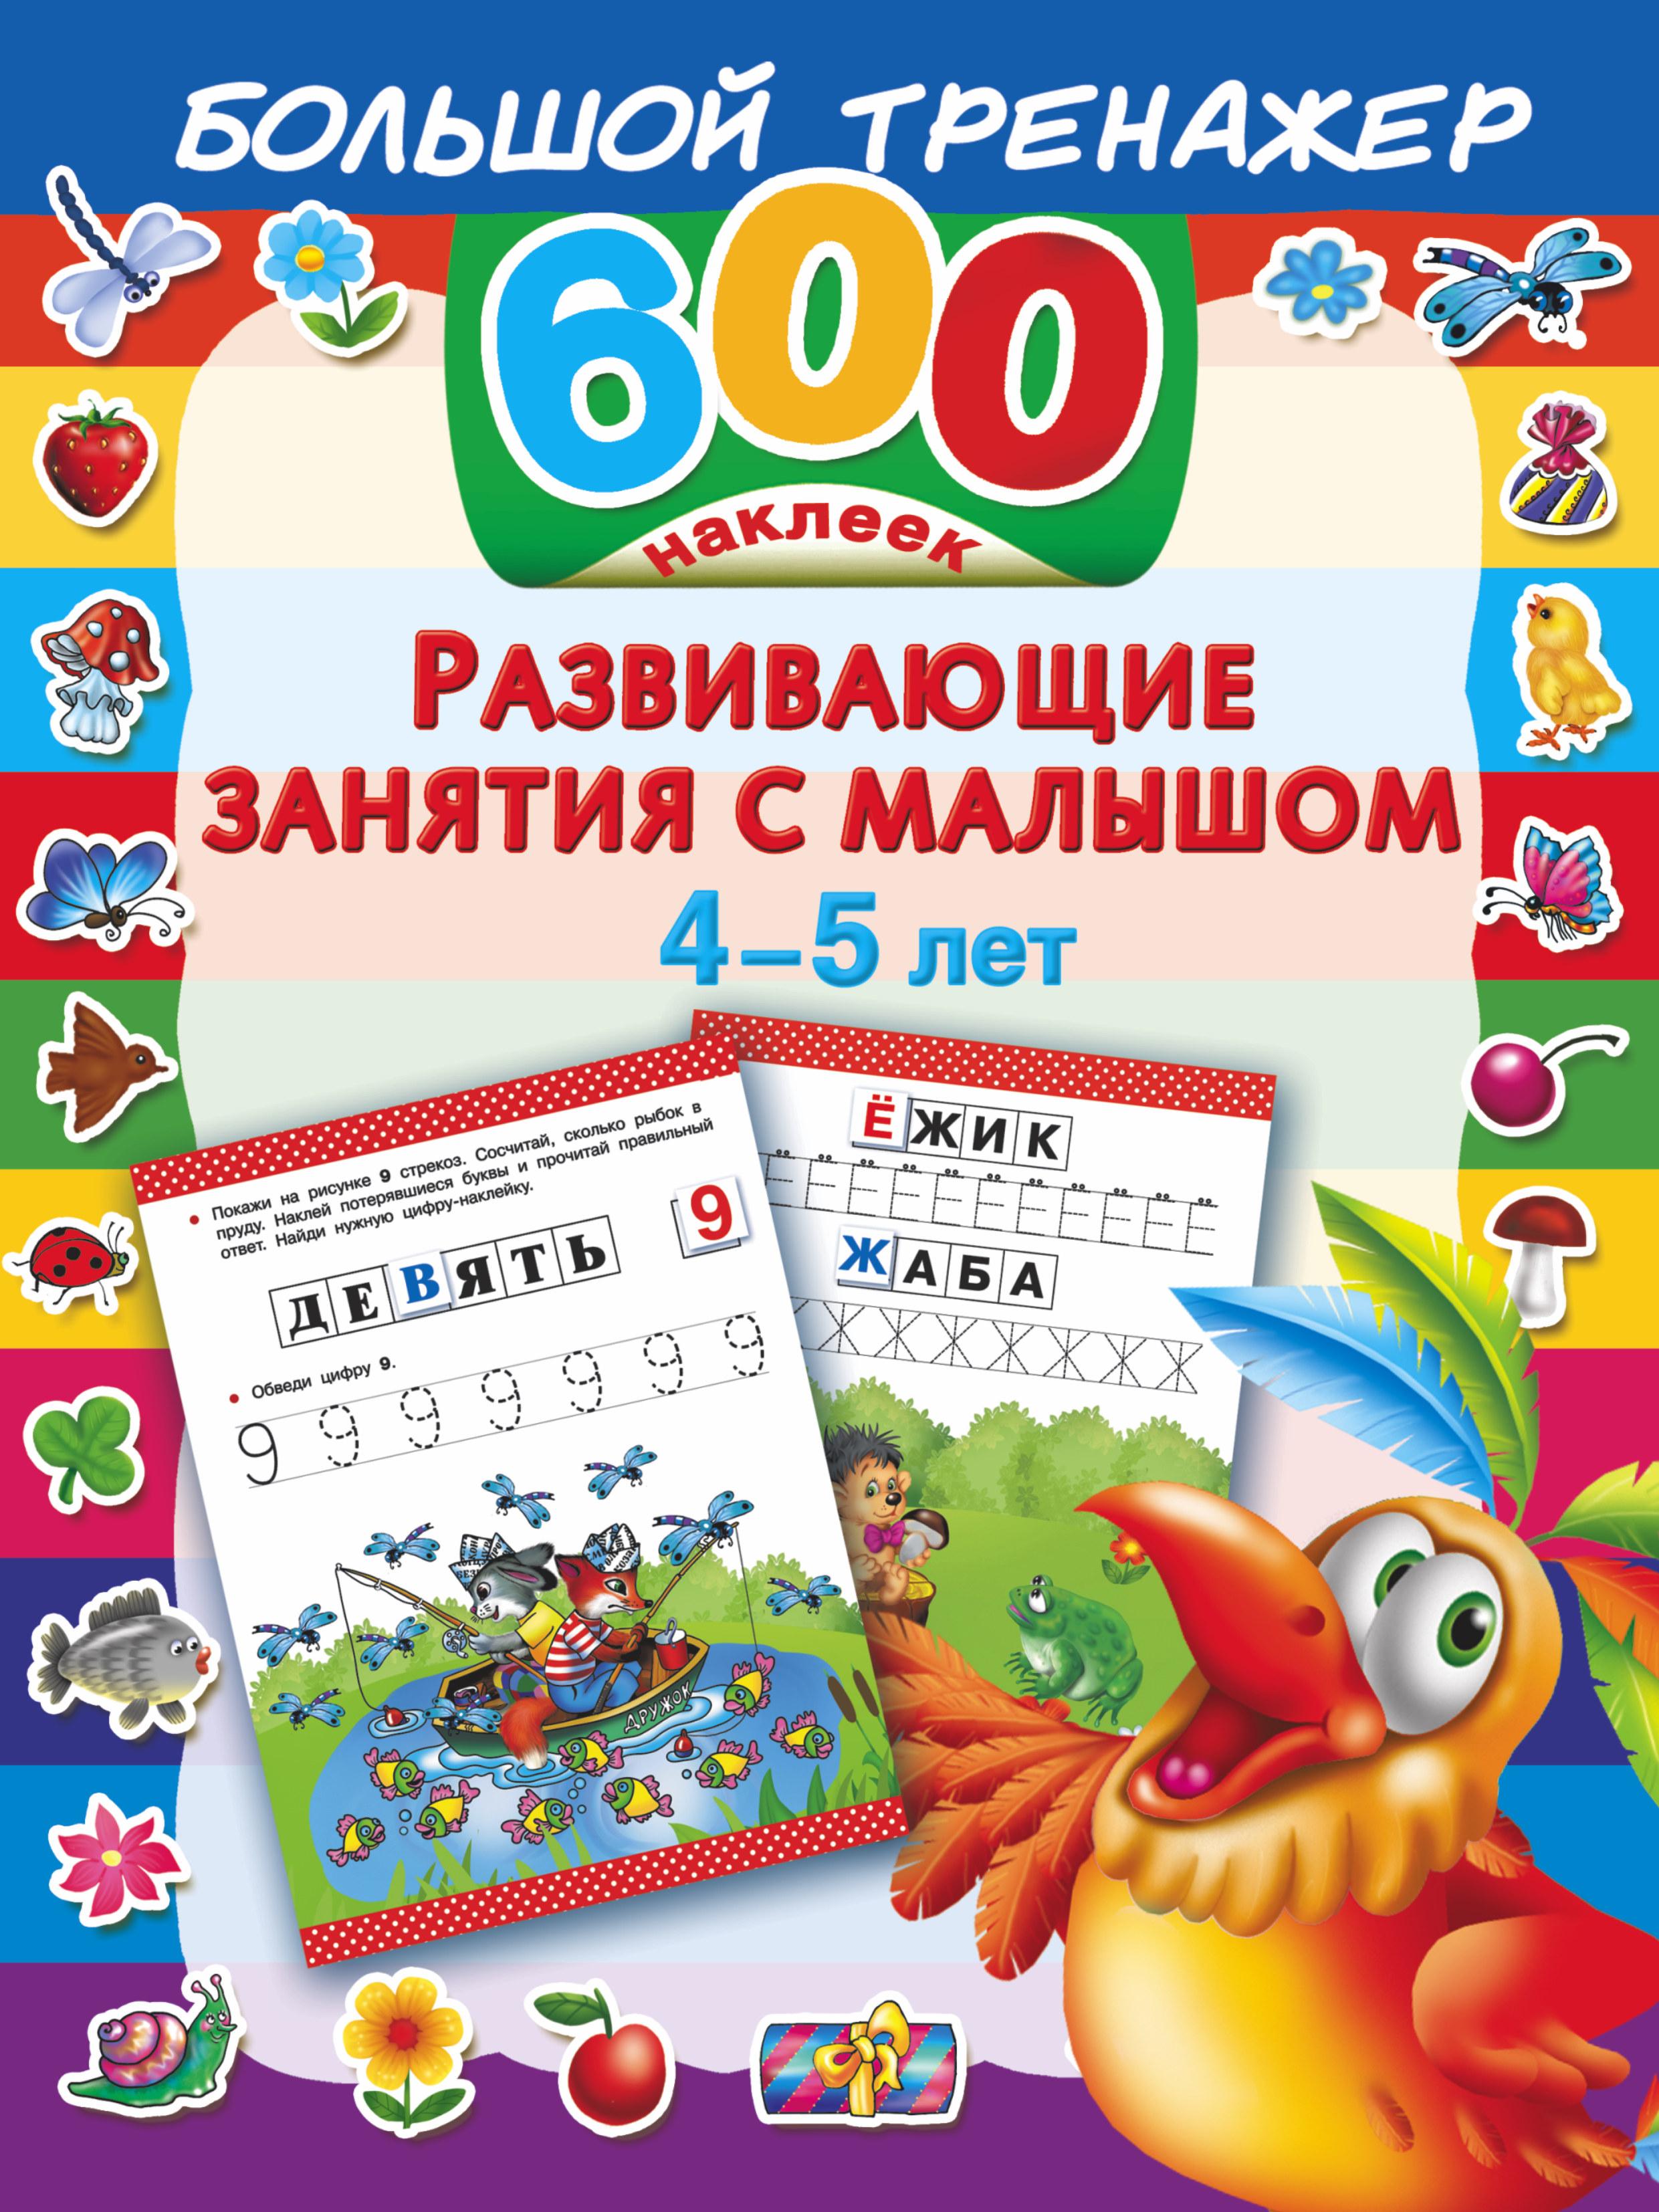 Развивающие занятия с малышом 4-5 лет